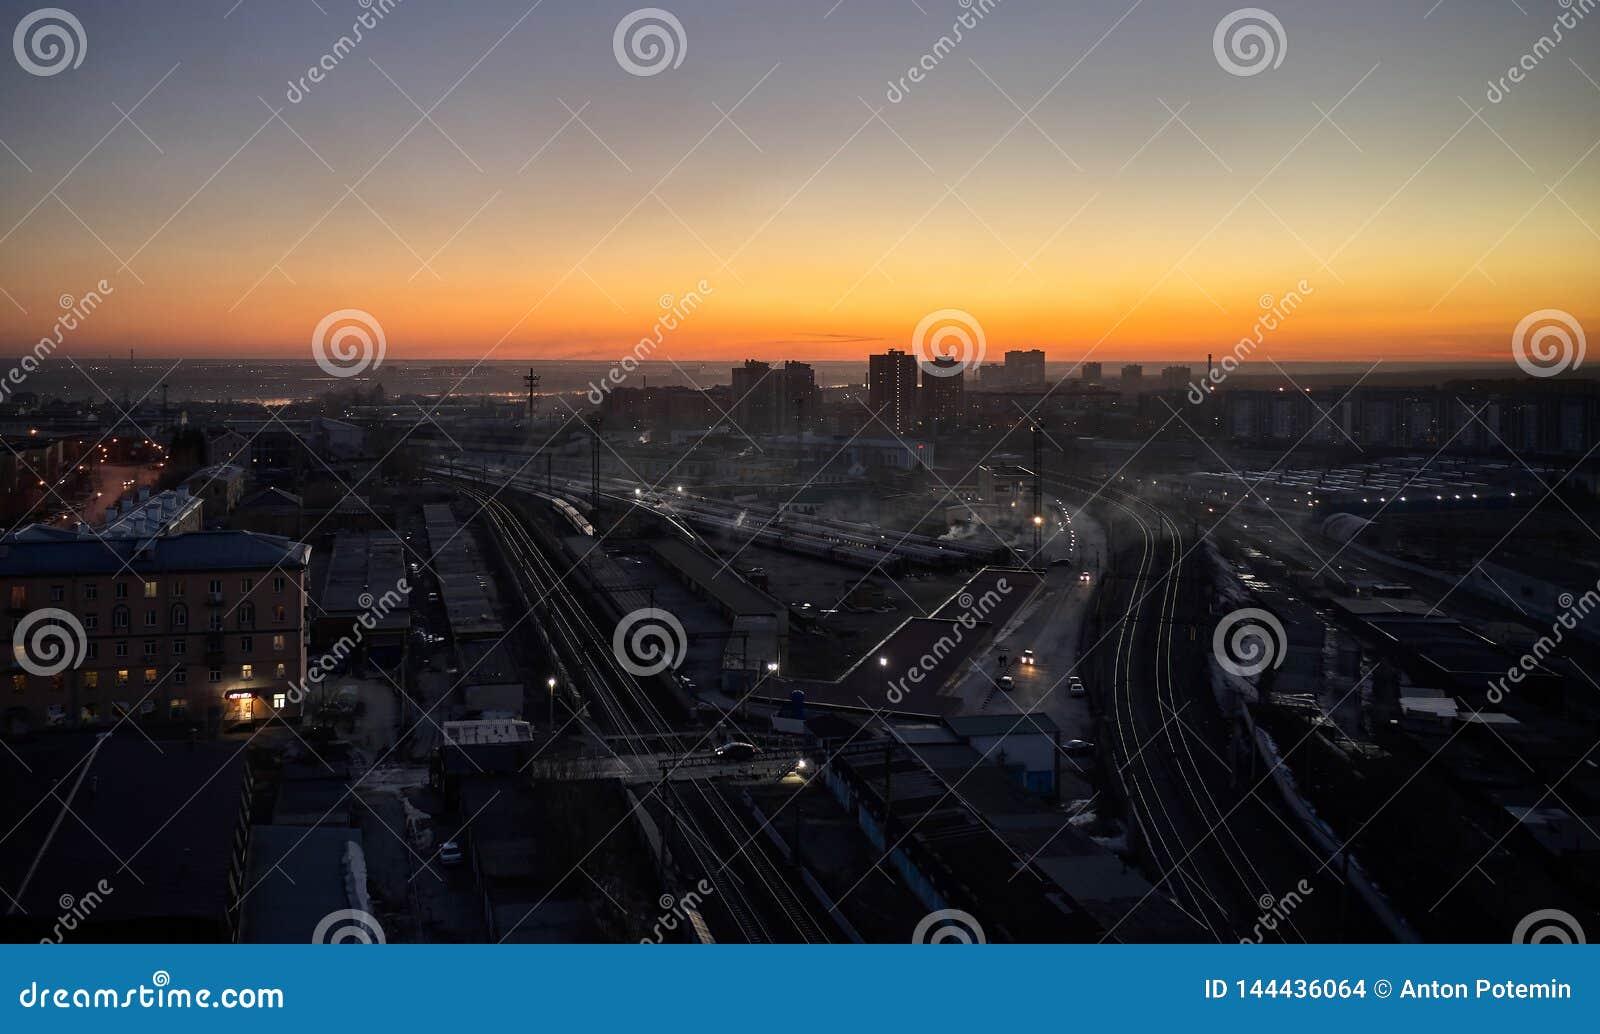 Tiro a?reo do por do sol sobre a cidade e o esta??o de caminhos de ferro grande com trens